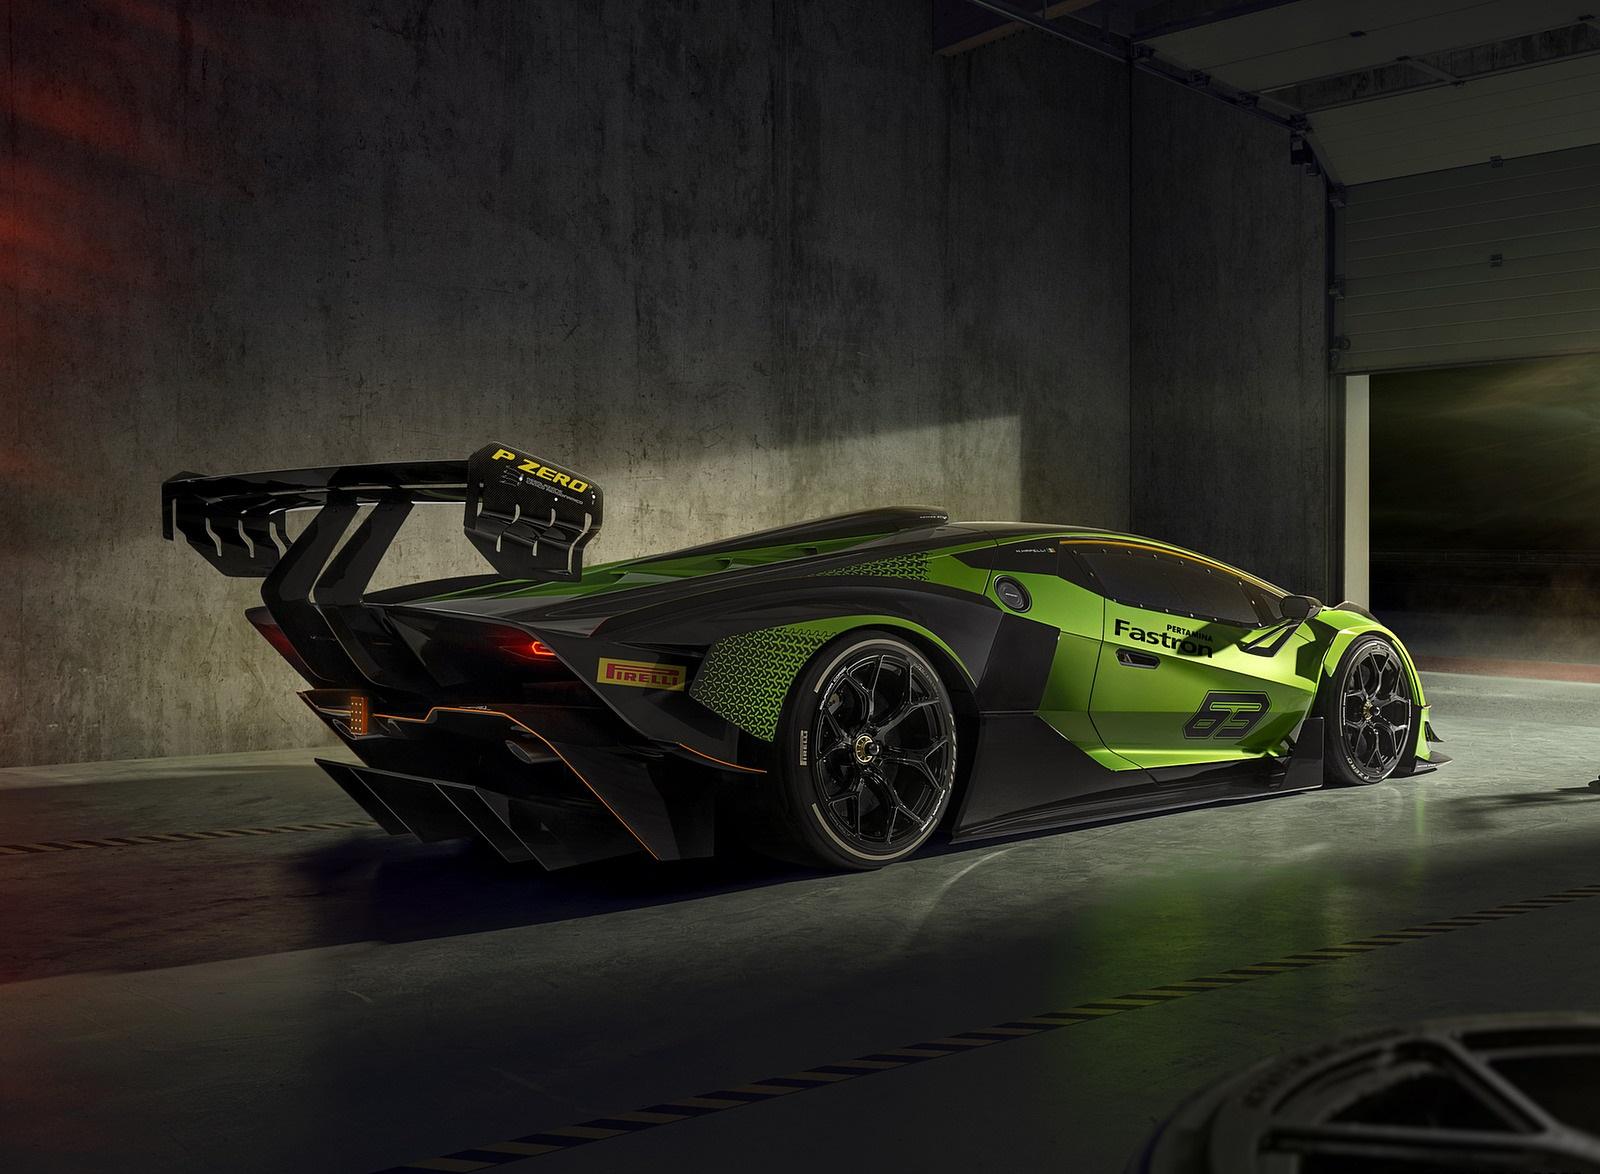 2021 Lamborghini Essenza SCV12 Rear Three-Quarter Wallpapers (7)